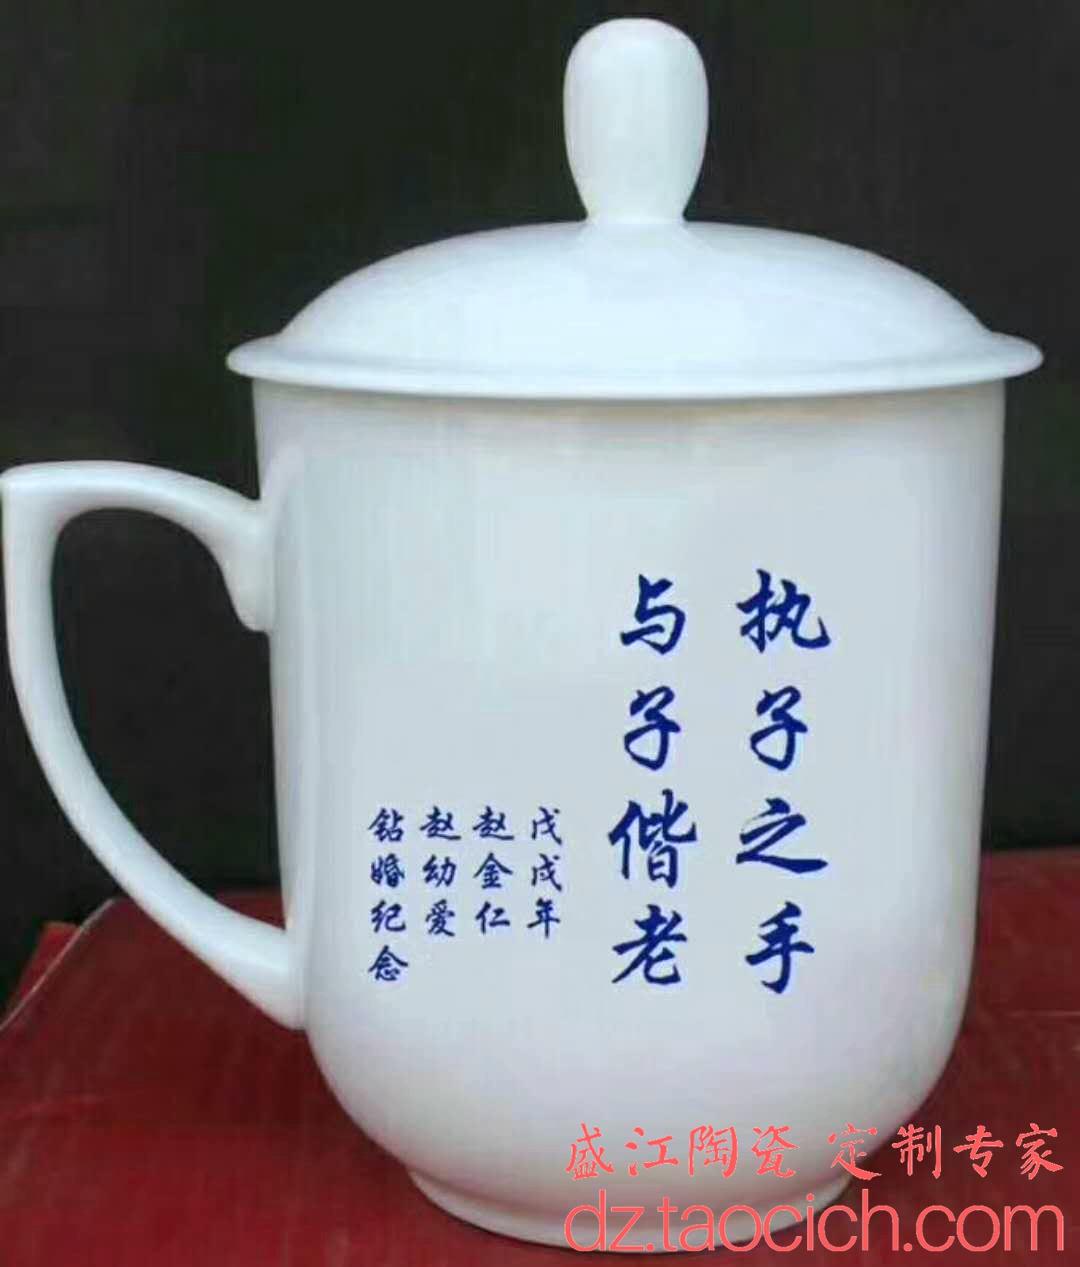 盛江陶瓷 钻婚纪念杯定制成功案例